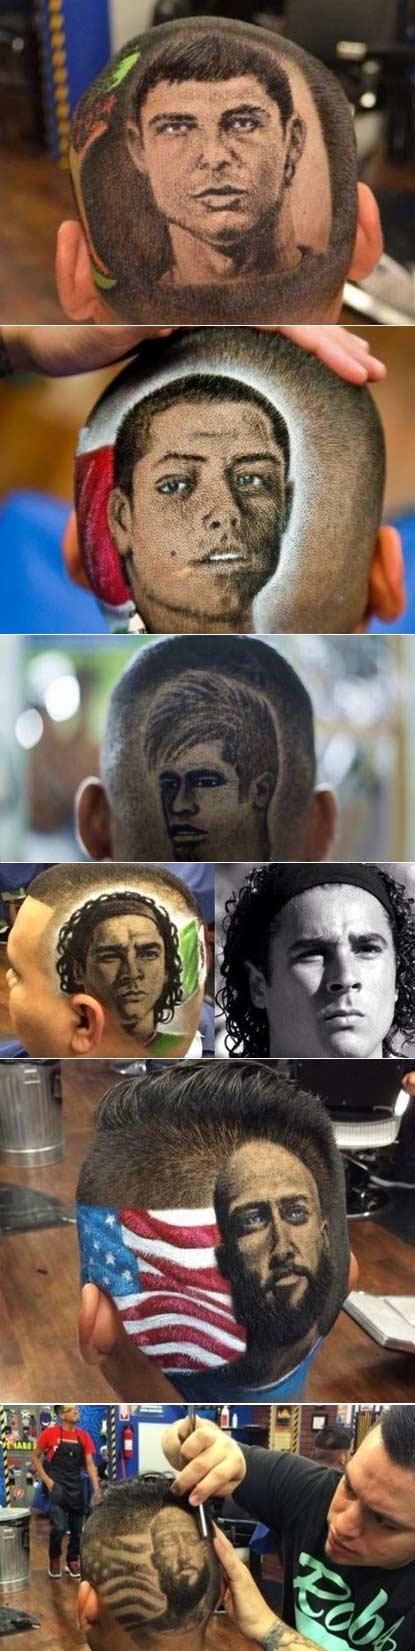 后脑勺上的世界杯:美国理发师在客人后脑勺留下梅西、内马尔、C罗等球星头像